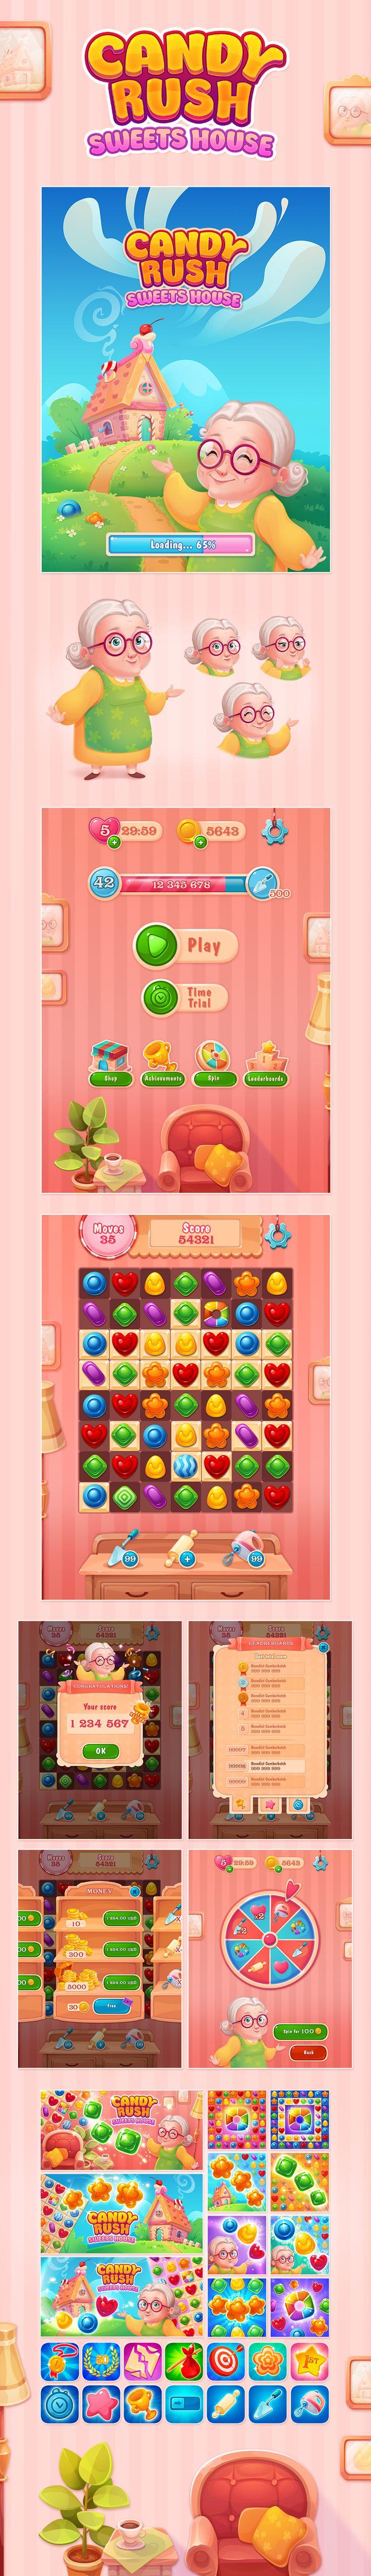 https://www.behance.net/gallery/57806841/Match-3-Candy-Rush match3 candy game art GUI